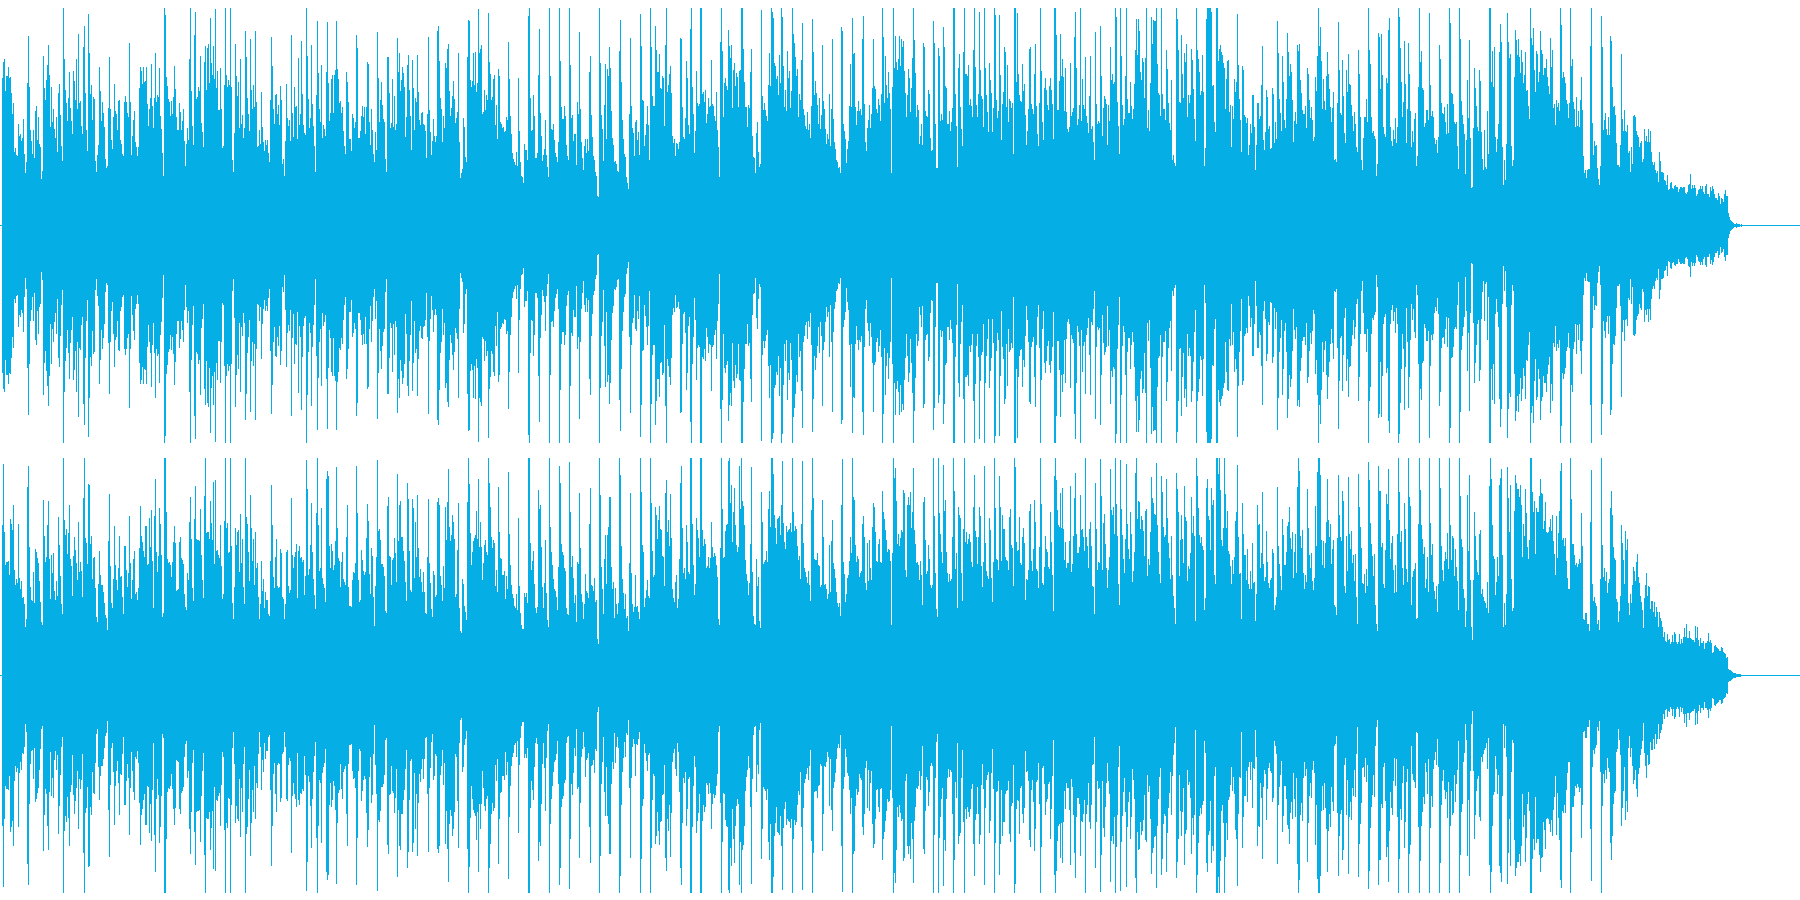 クラブジャズ、超ぶっといバリトンサックスの再生済みの波形